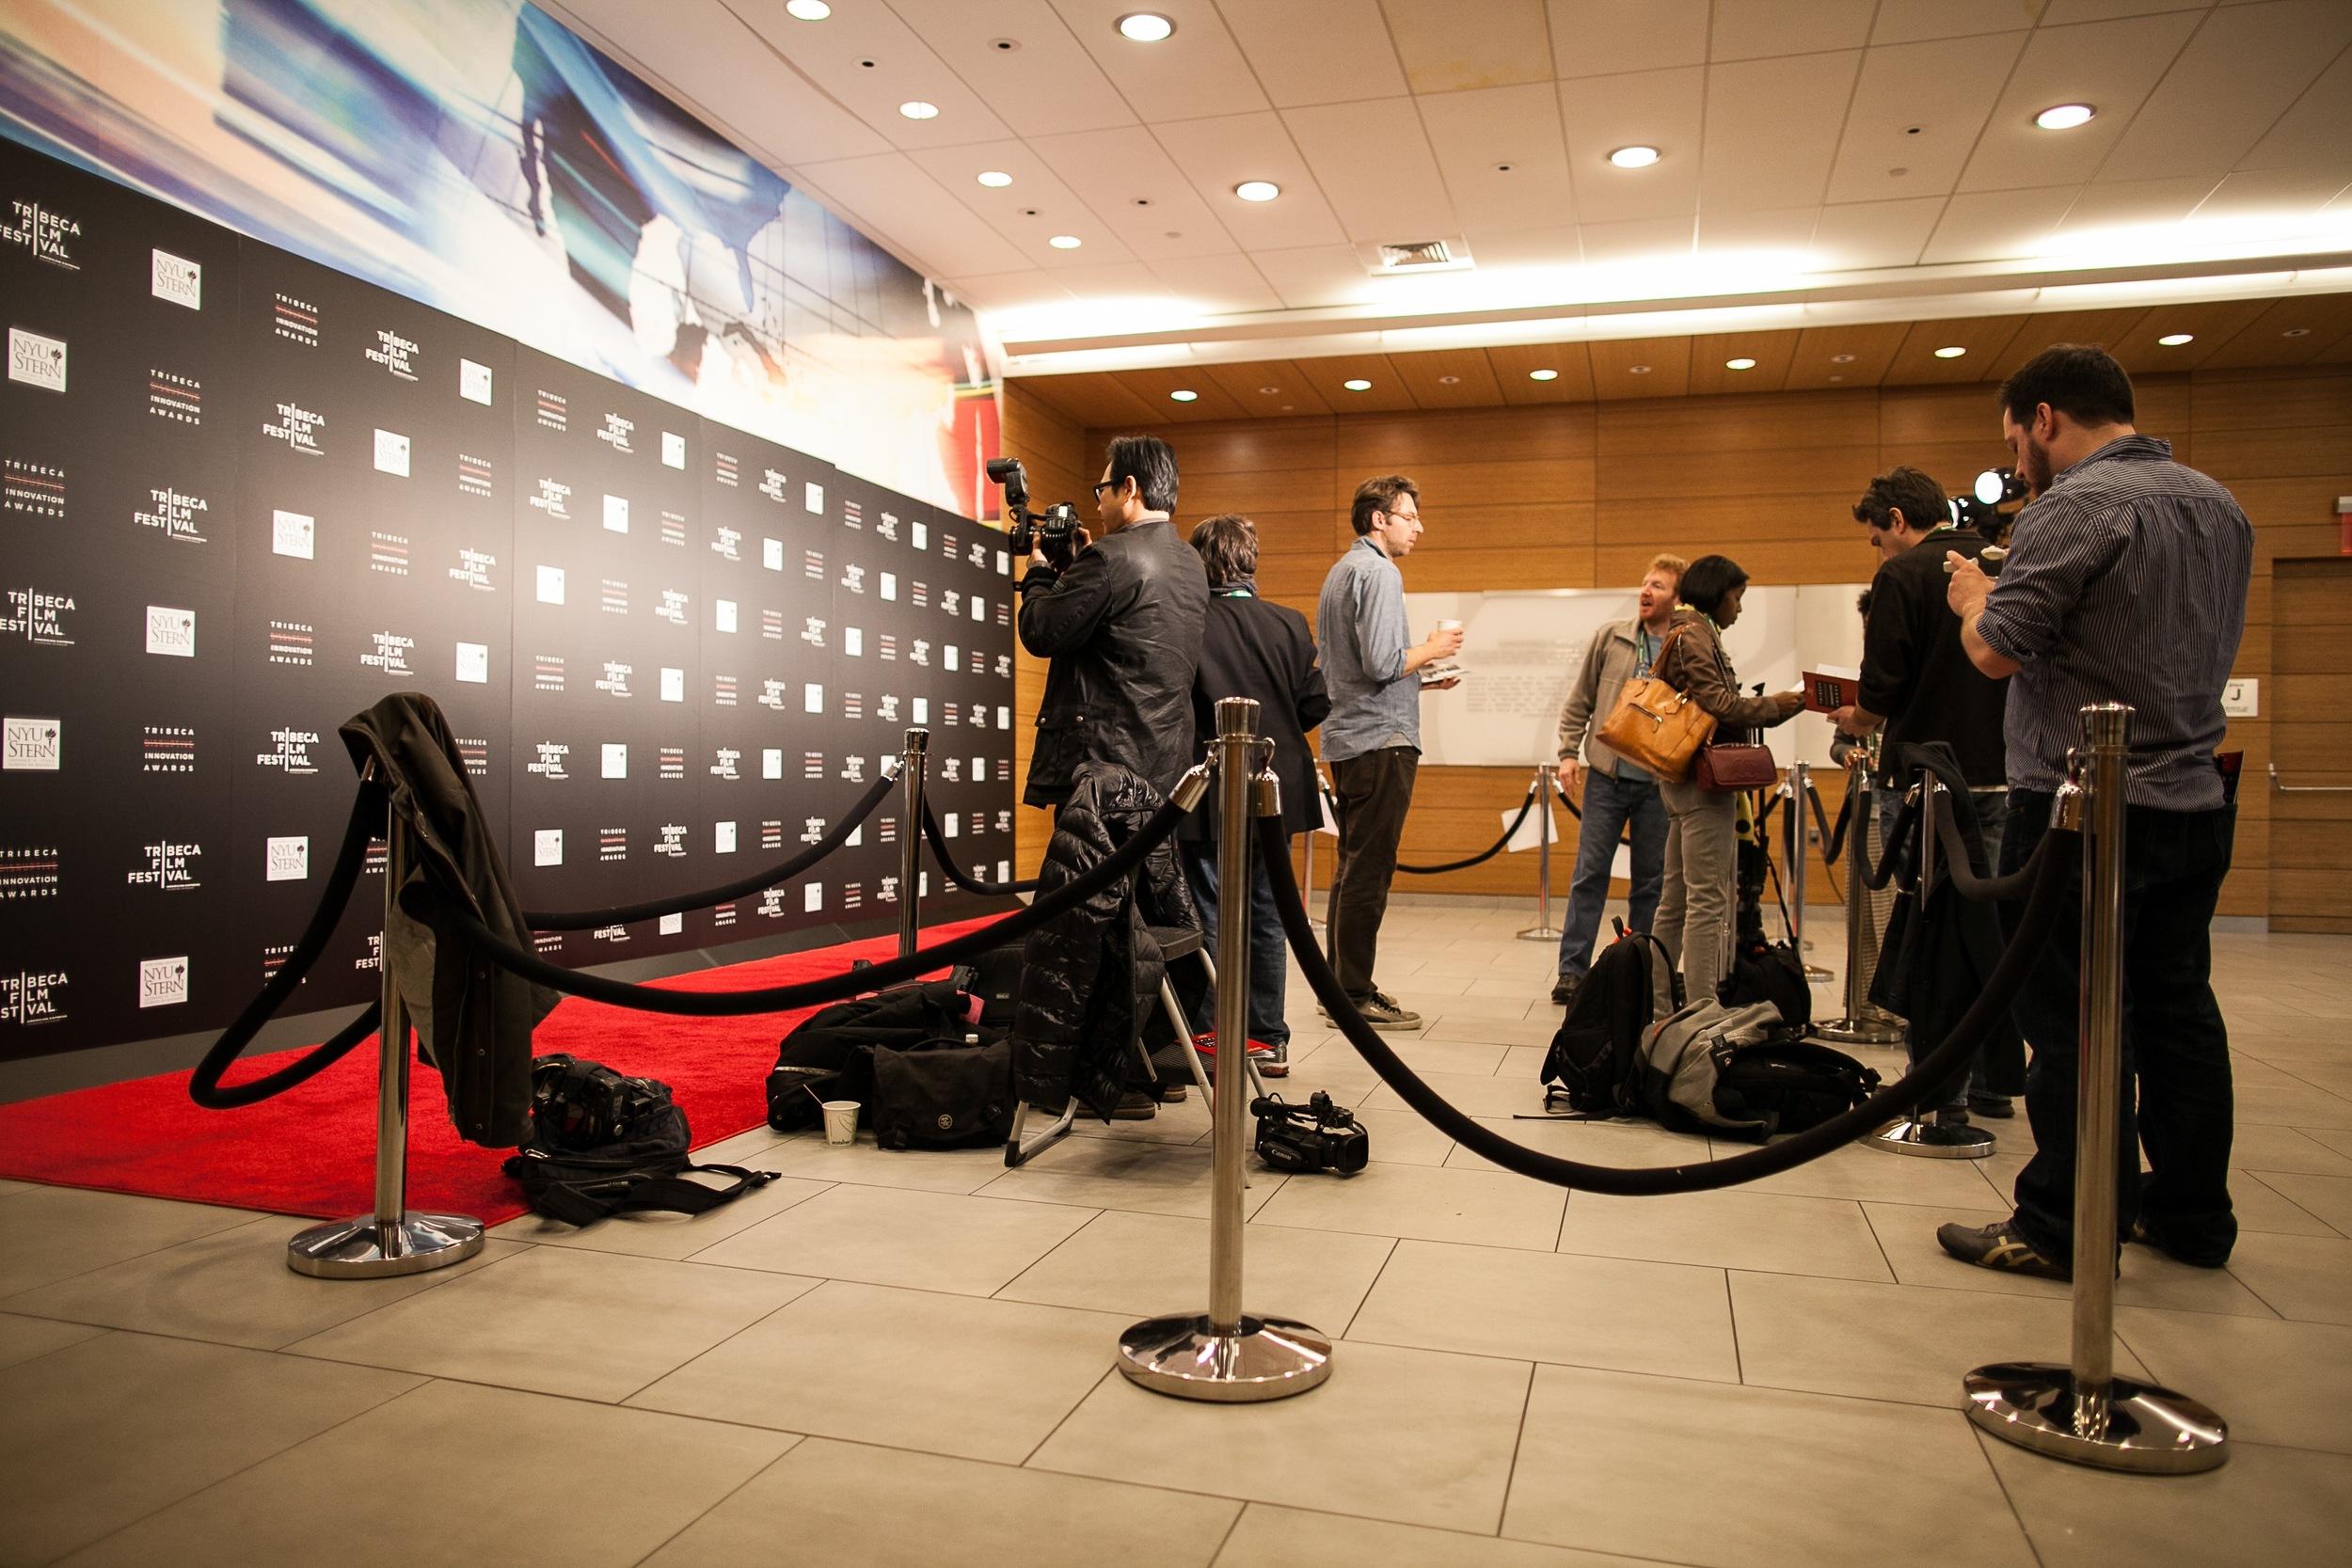 Tribeca Disruptive Innovation Awards 2013 - 003.jpg